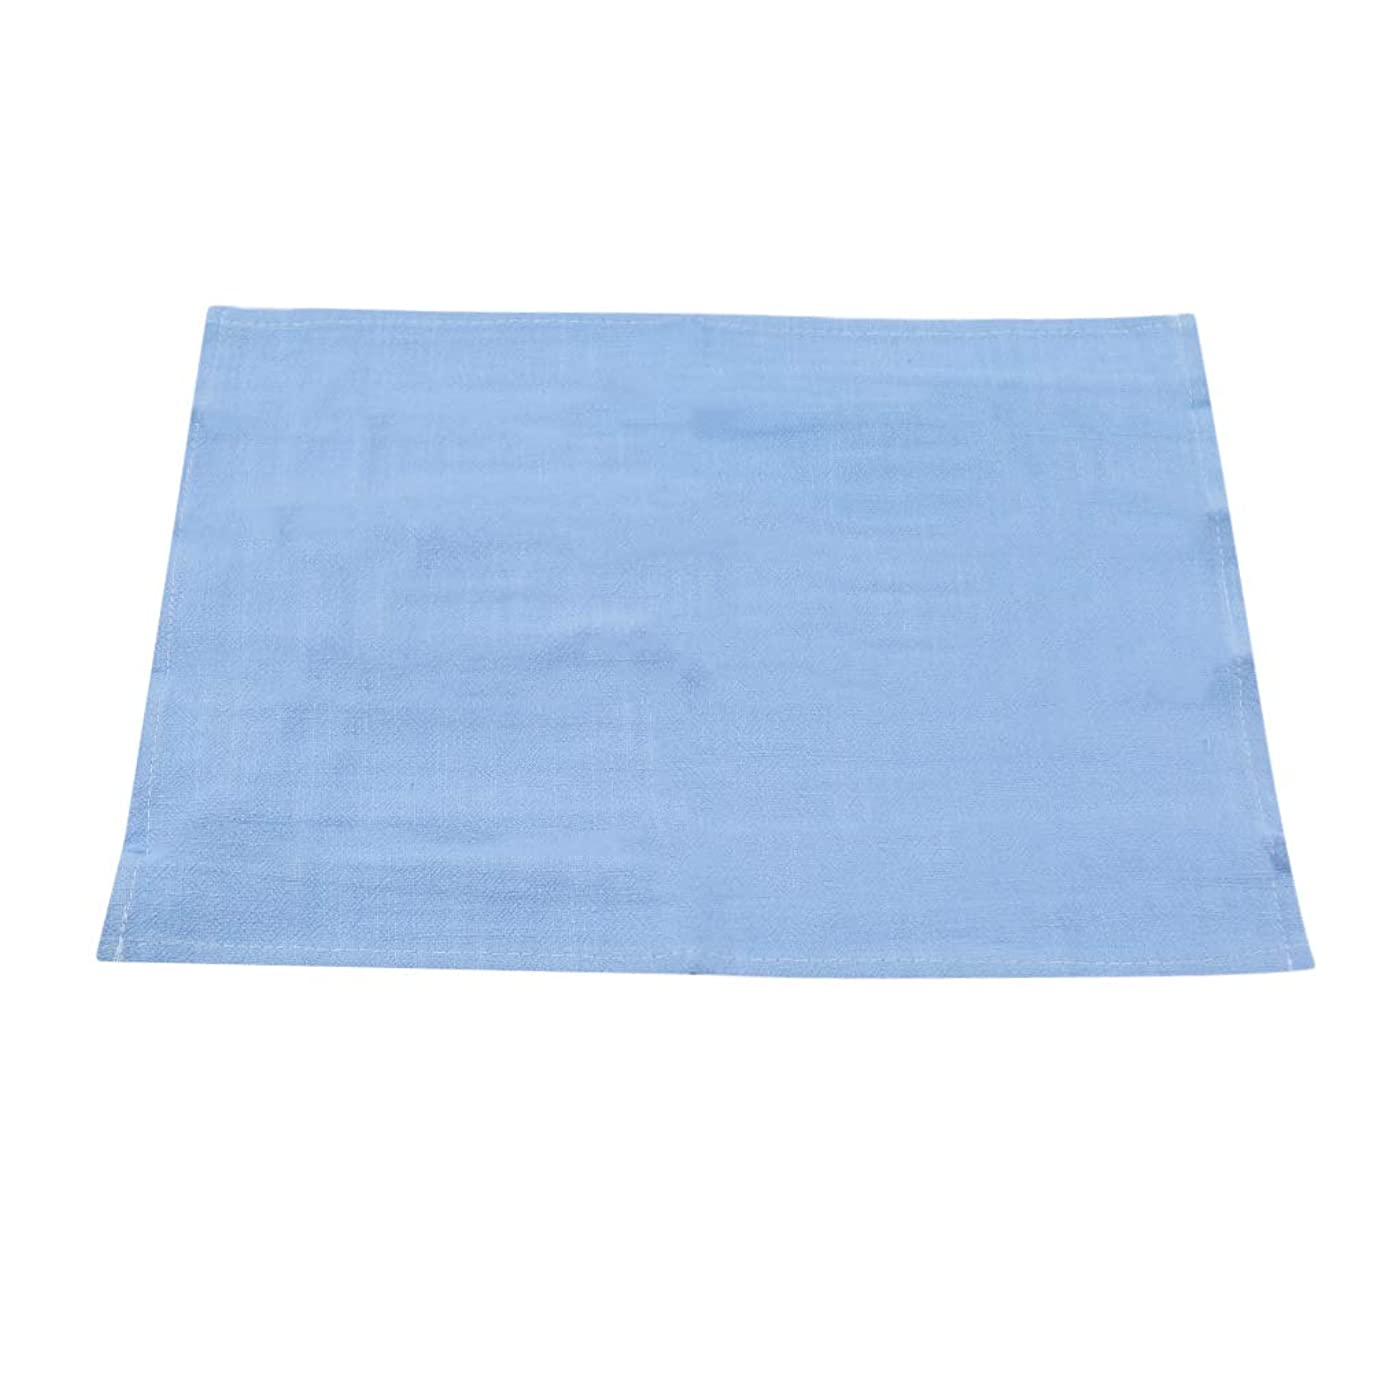 明らかフォロー地域のTimesuper 棉麻製和風のおしゃれ ランチョンマット 合わせで縫製 とリバーシブルで使え プレイスマット コットン リネン プレースマット レース テーブルマット 布製 食卓マット 給食ナプキン インテリア 40x30cm